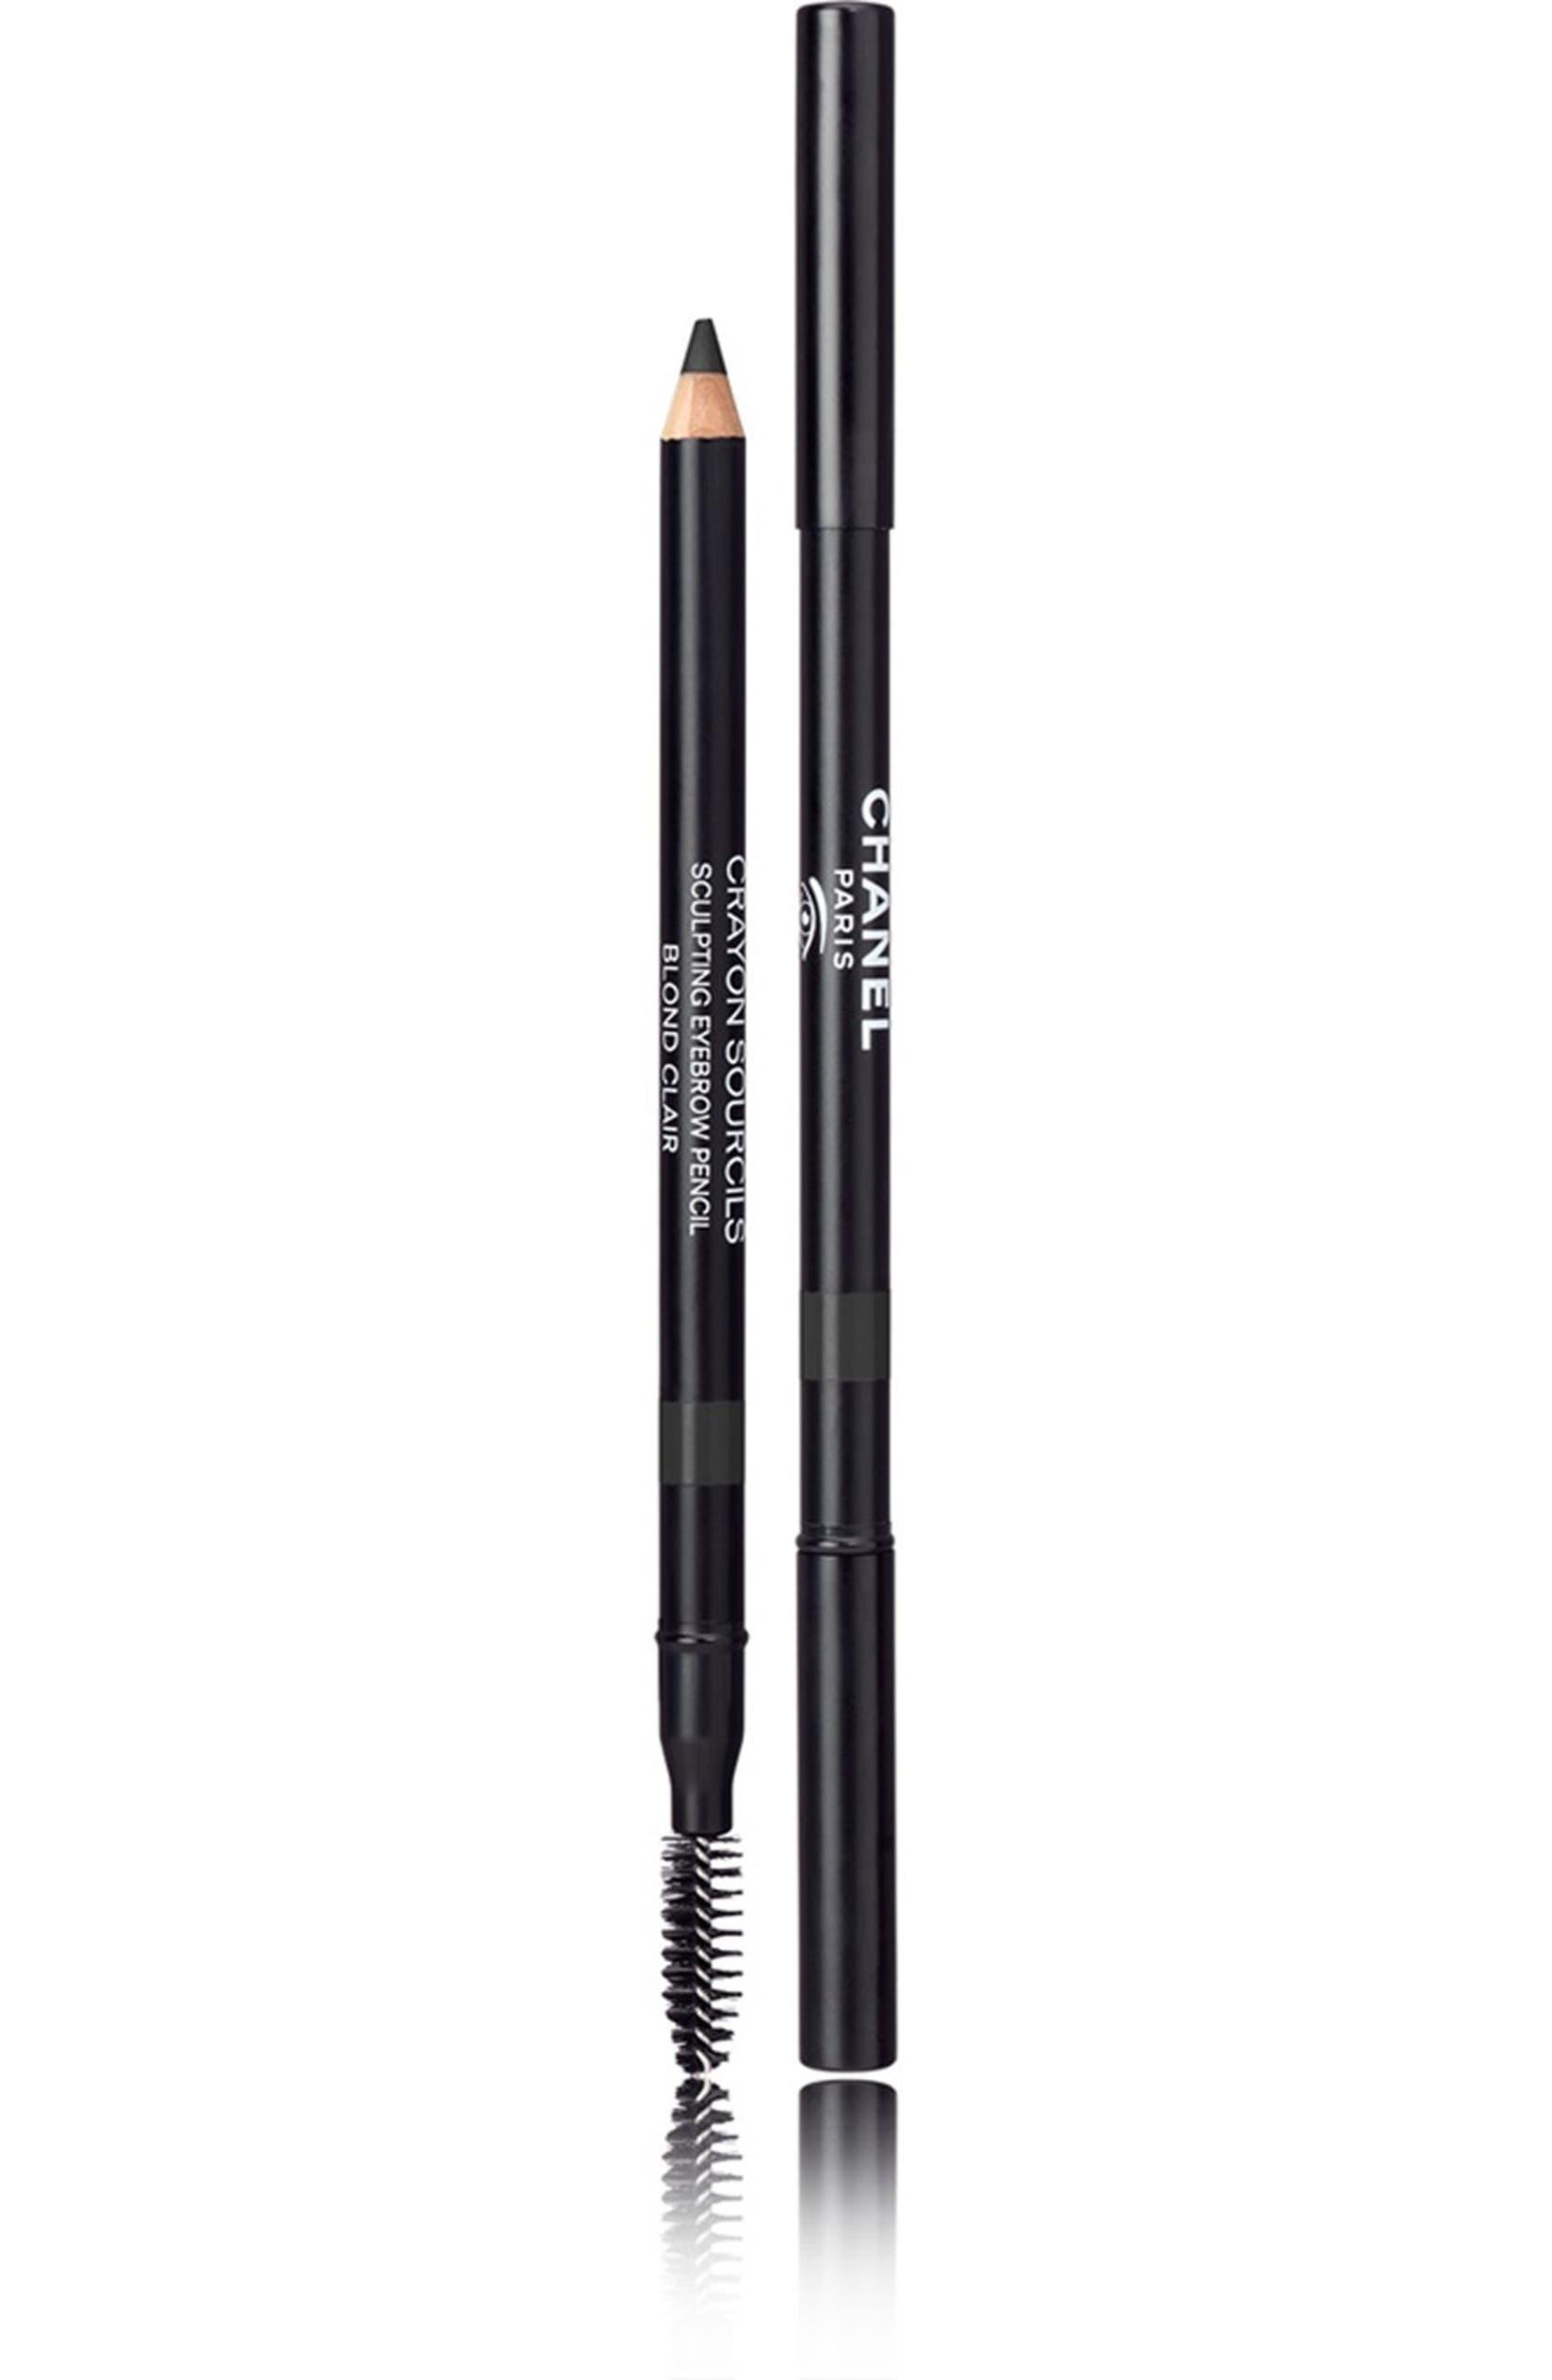 Stylo Sourcils Waterproof Defining Longwear Eyebrow Pencil by Chanel #17